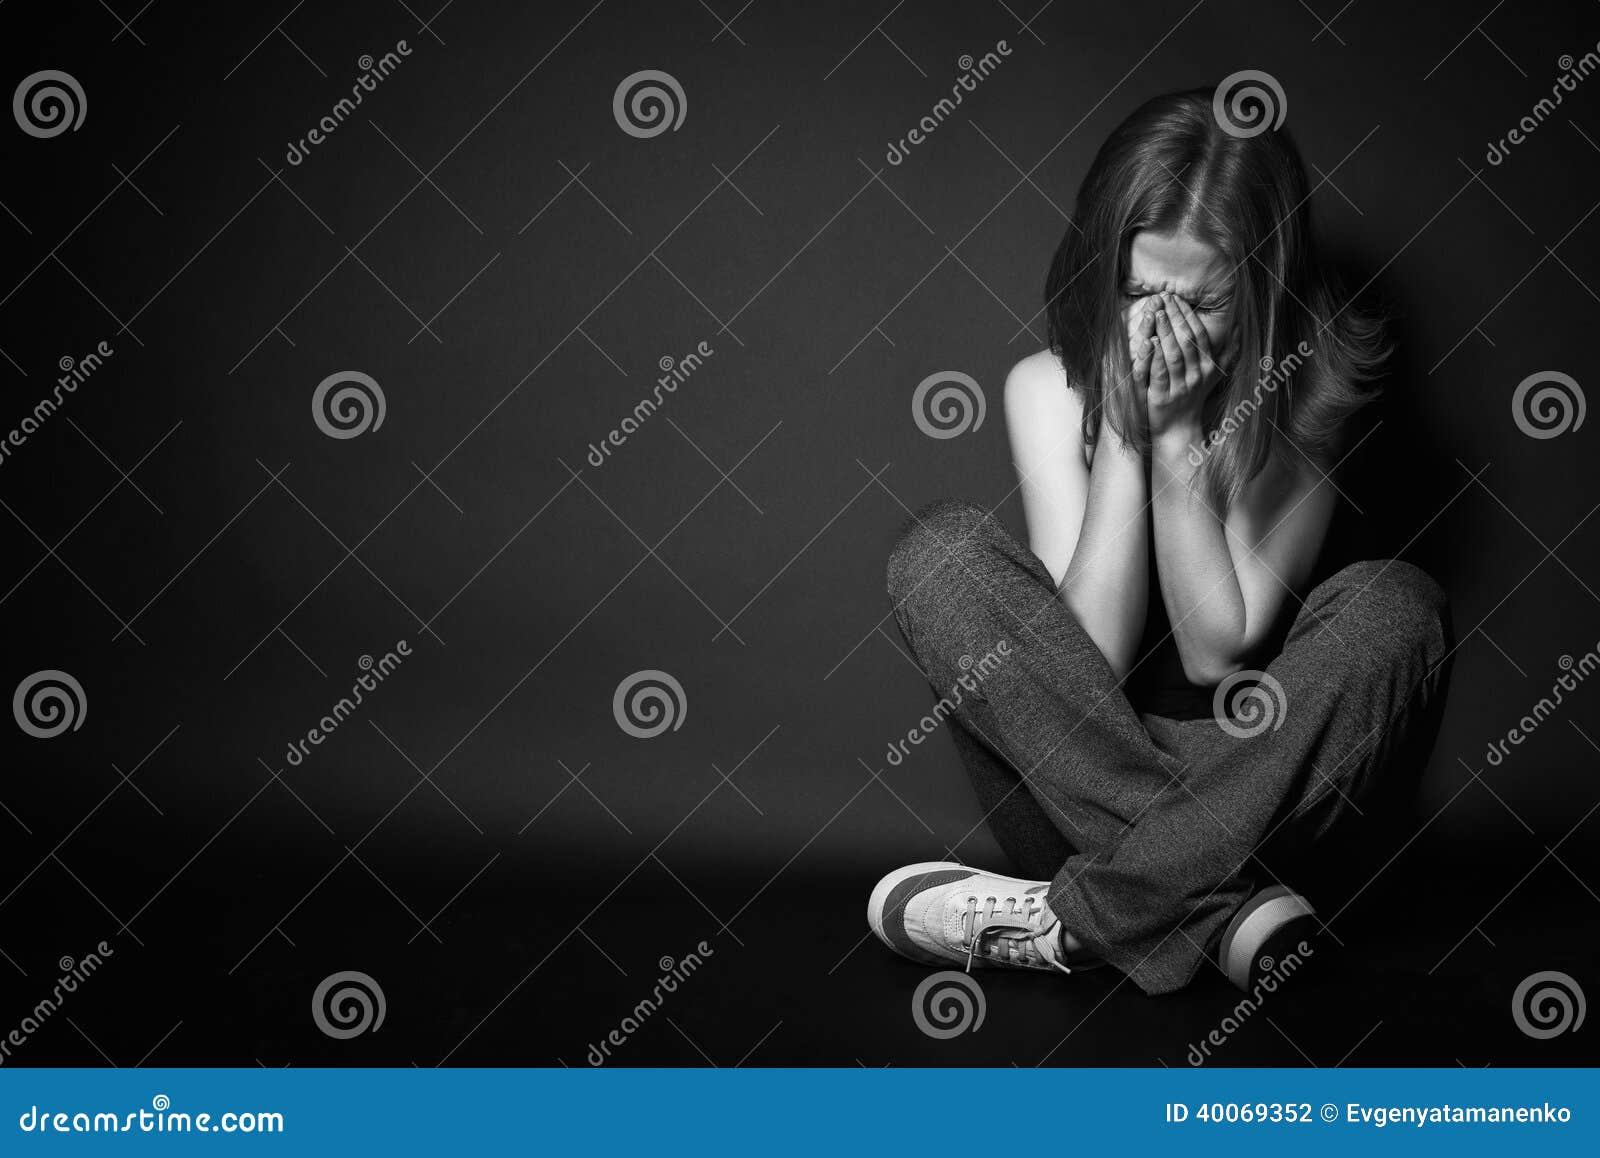 Женщина в депрессии и отчаянии плача на черной темноте